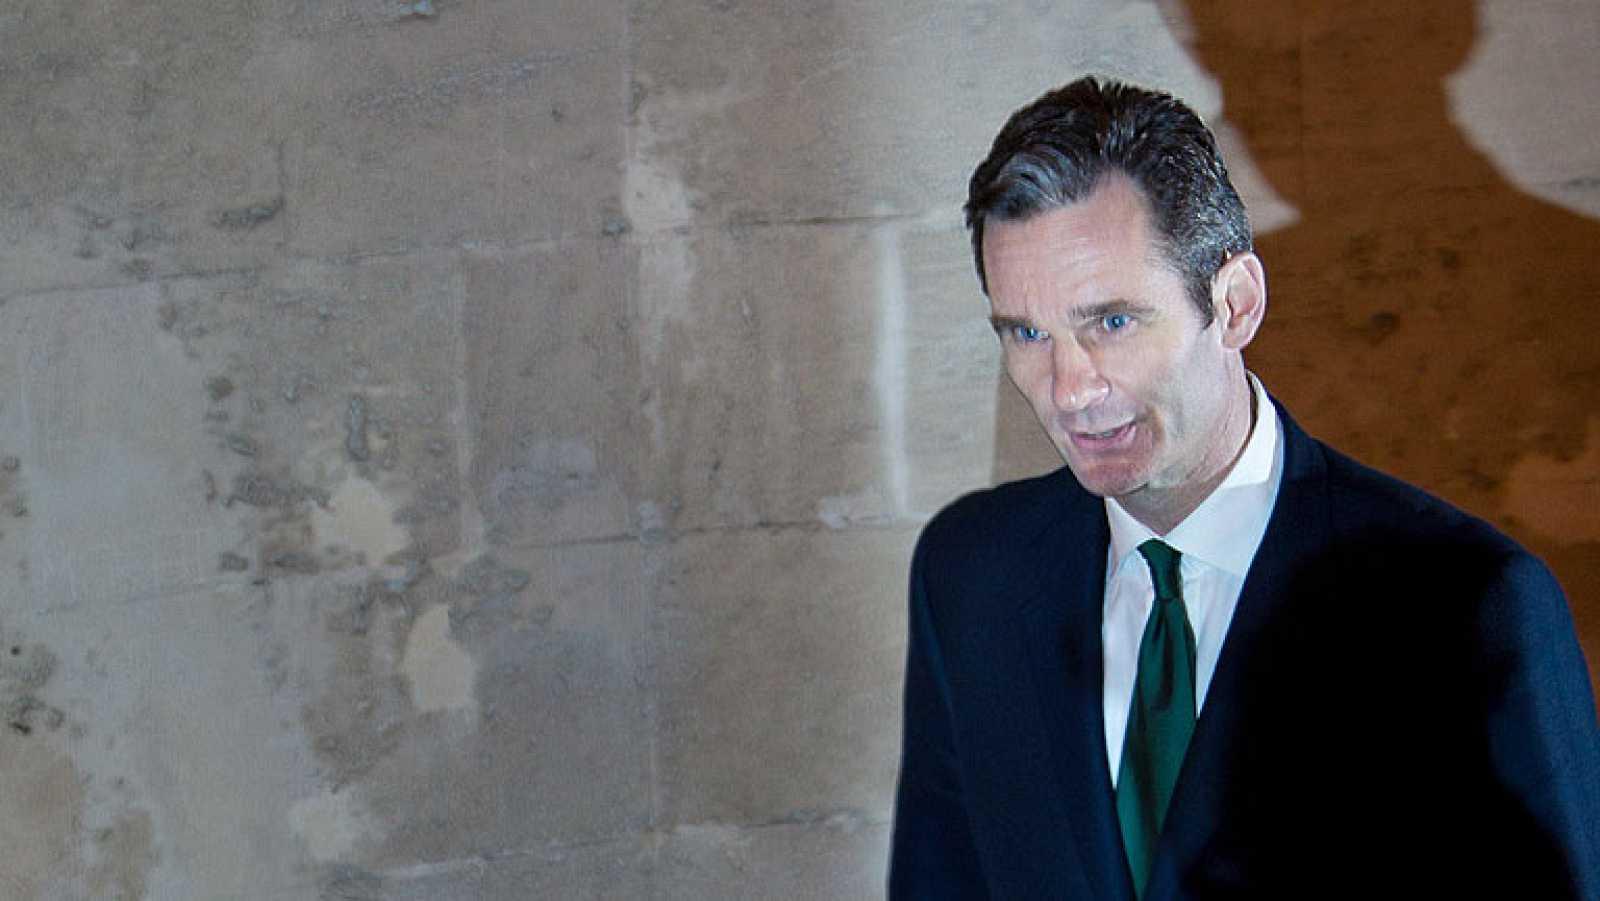 A las 4 y 10 minutos de la madrugada Iñaki Urdangarín, acompañado por su abogado, abandonaba los Juzgados de Palma de Mallorca sin hacer declaraciones.